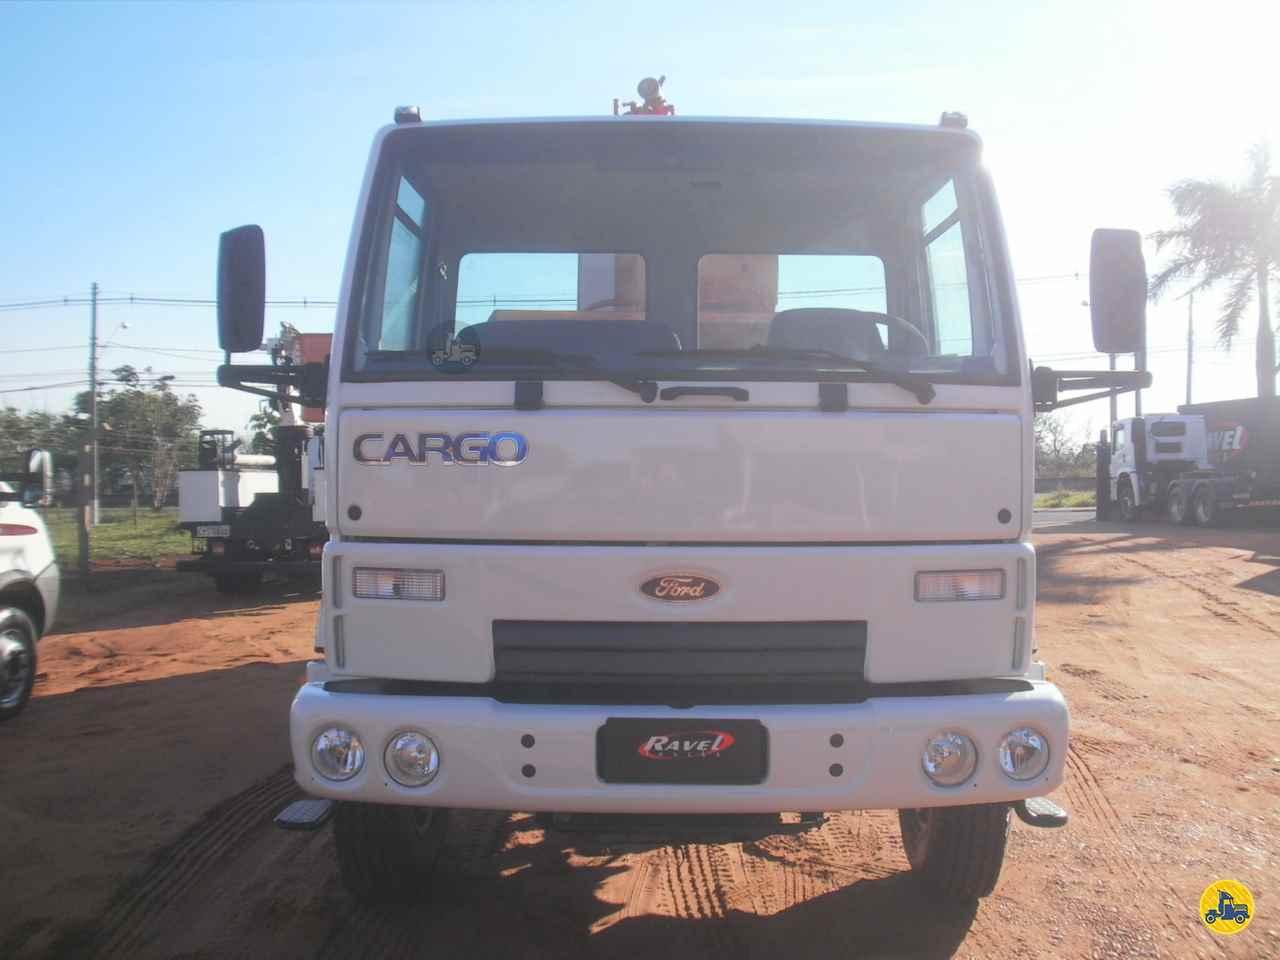 FORD CARGO 2632 300000km 2007/2007 Ravel Trucks